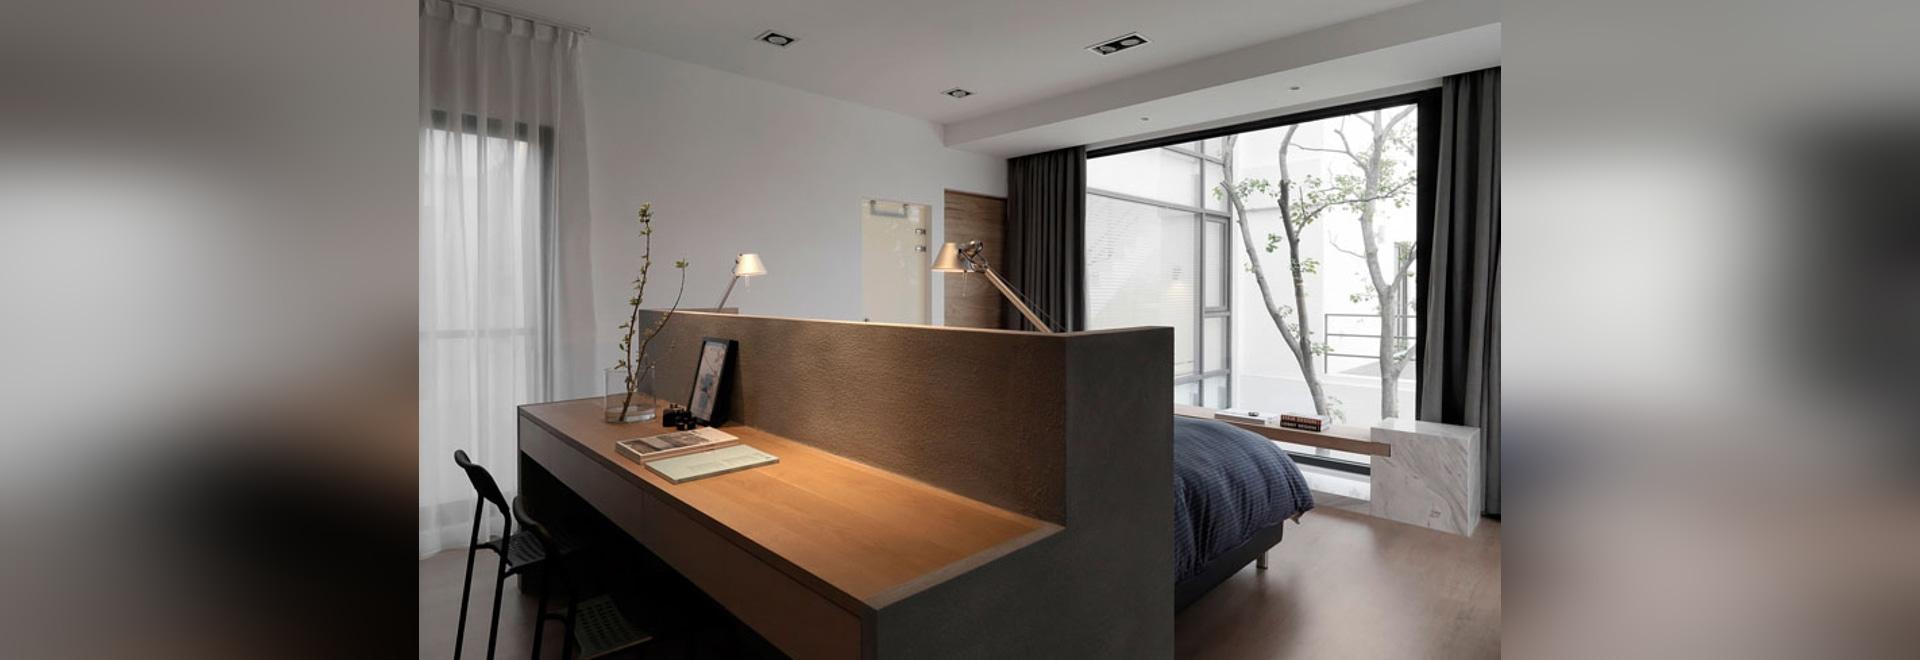 idée de conception de chambre à coucher – un bureau construit dans